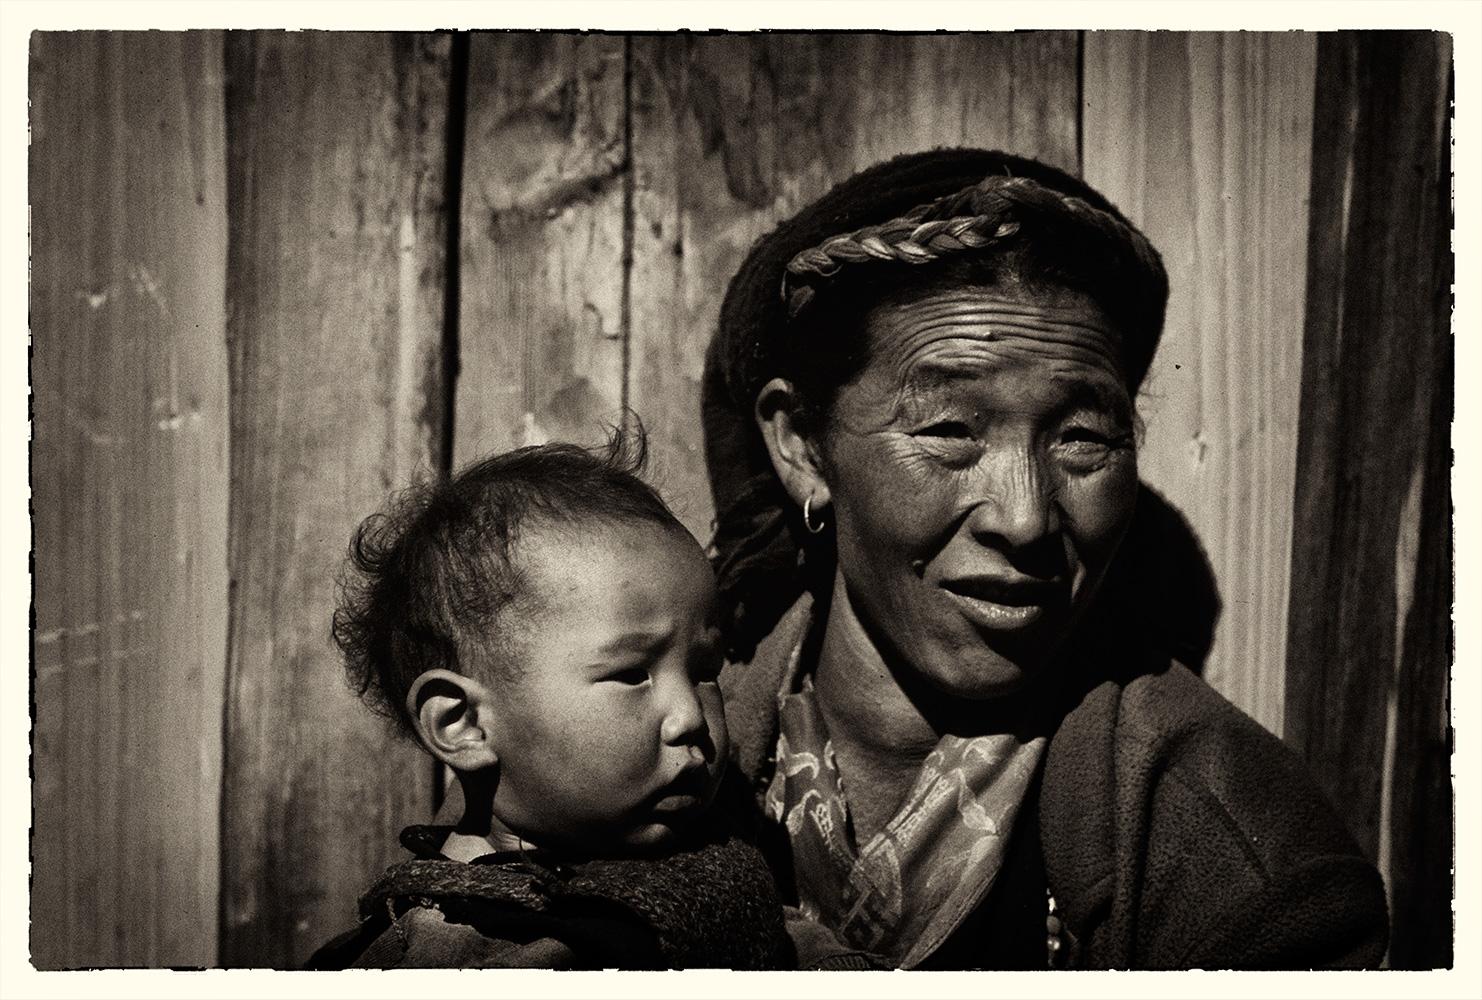 lhonak_tibetans_2000RVPm